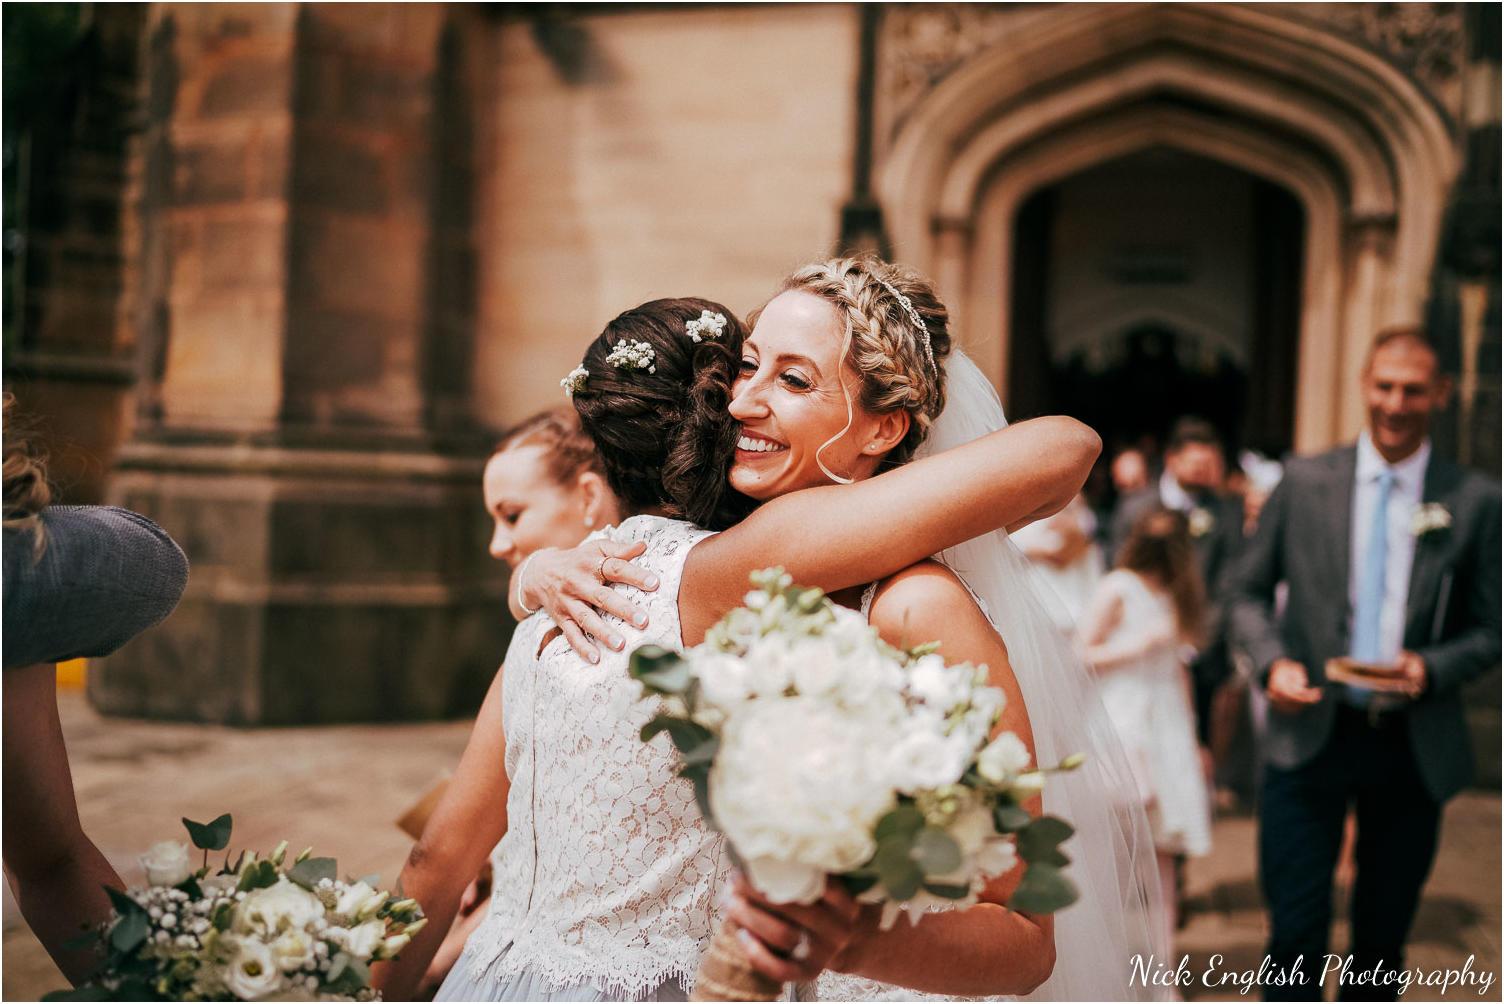 Browsholme_Hall_Tithe_Barn_Wedding_Photographer_Lancashire-46.jpg